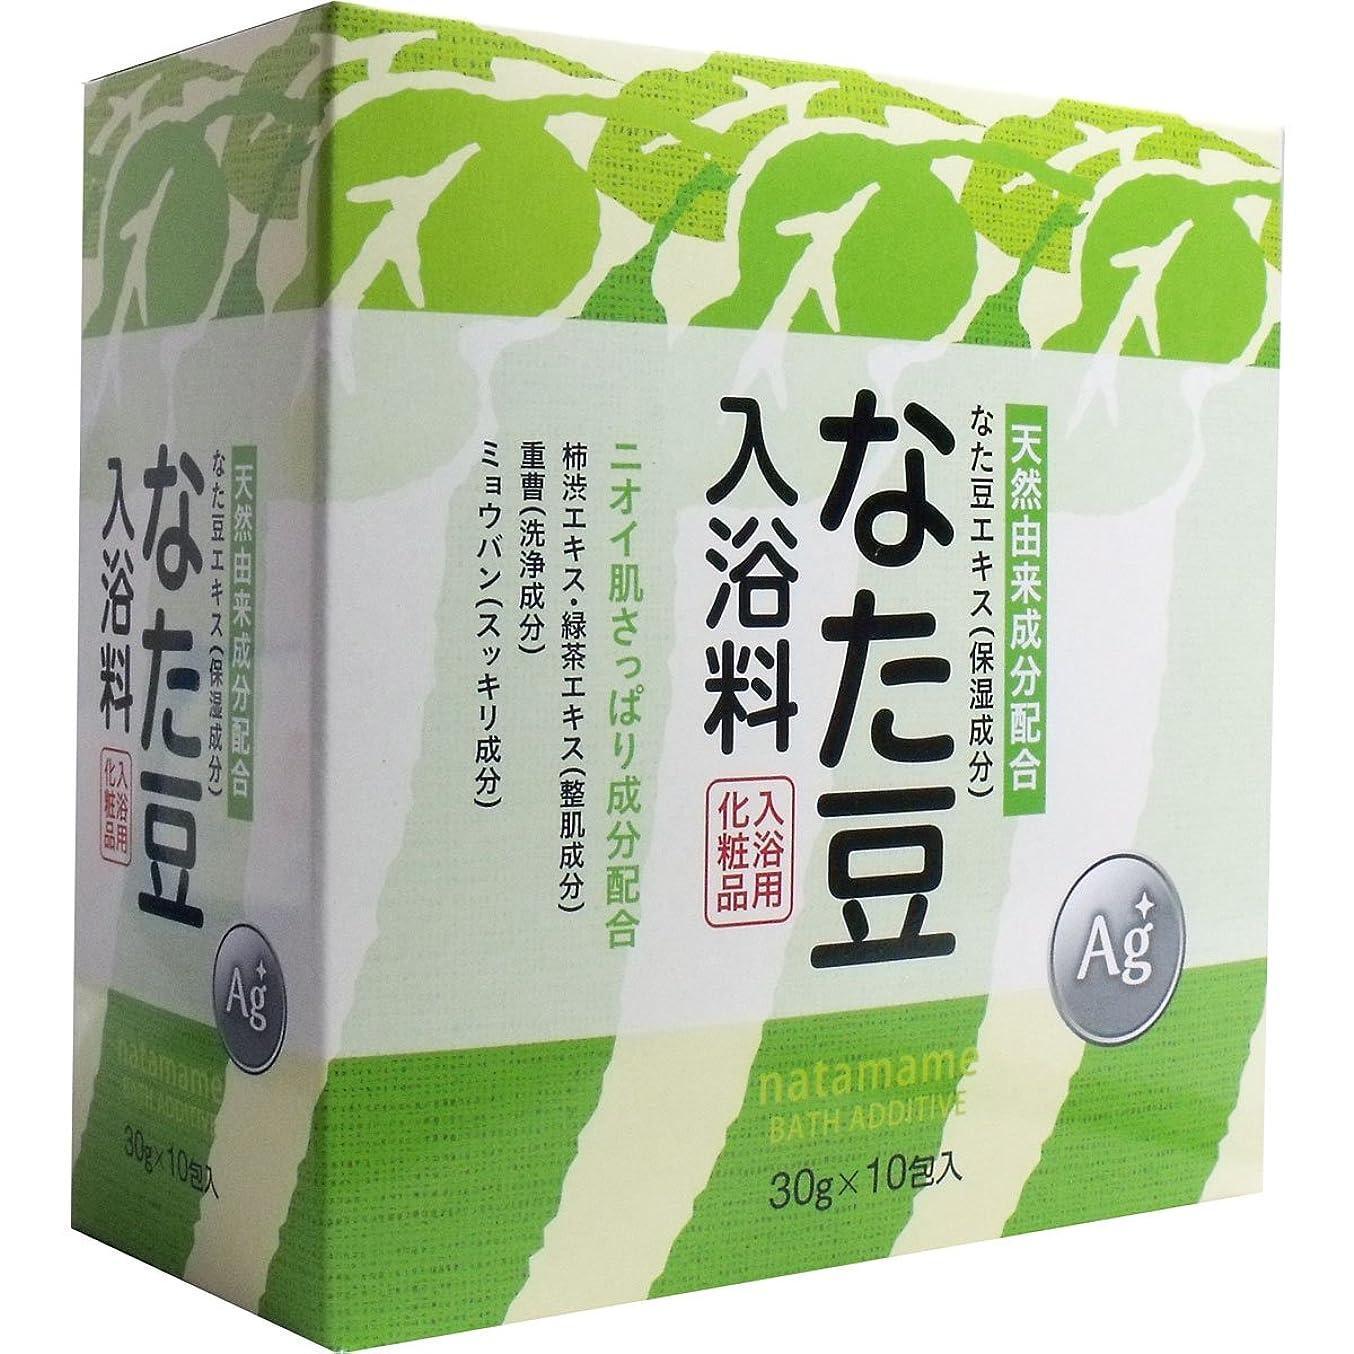 急速な団結イーウェルなた豆入浴料 入浴用化粧品 30g×10包入×4